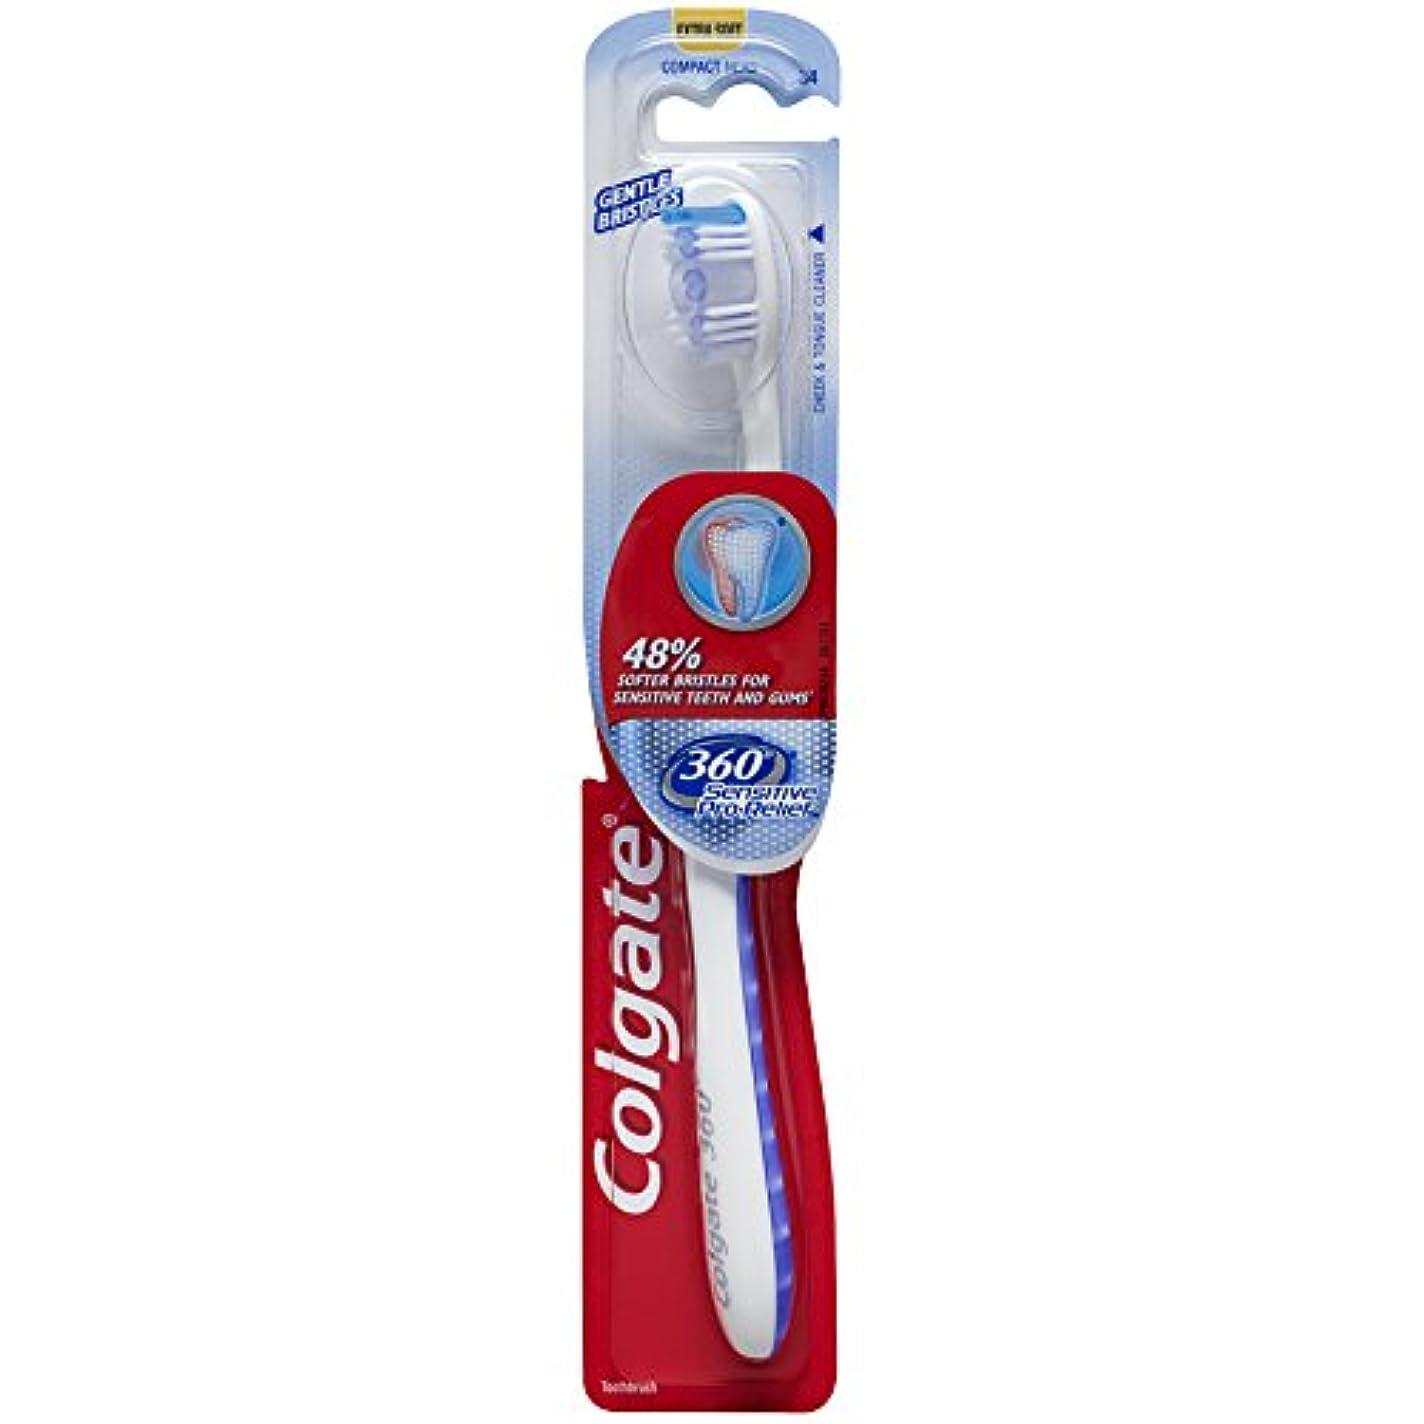 ラップ正しく廃止するColgate 360機密性の高いプロの救済スリム歯ブラシ、エクストラソフト(色は異なります)